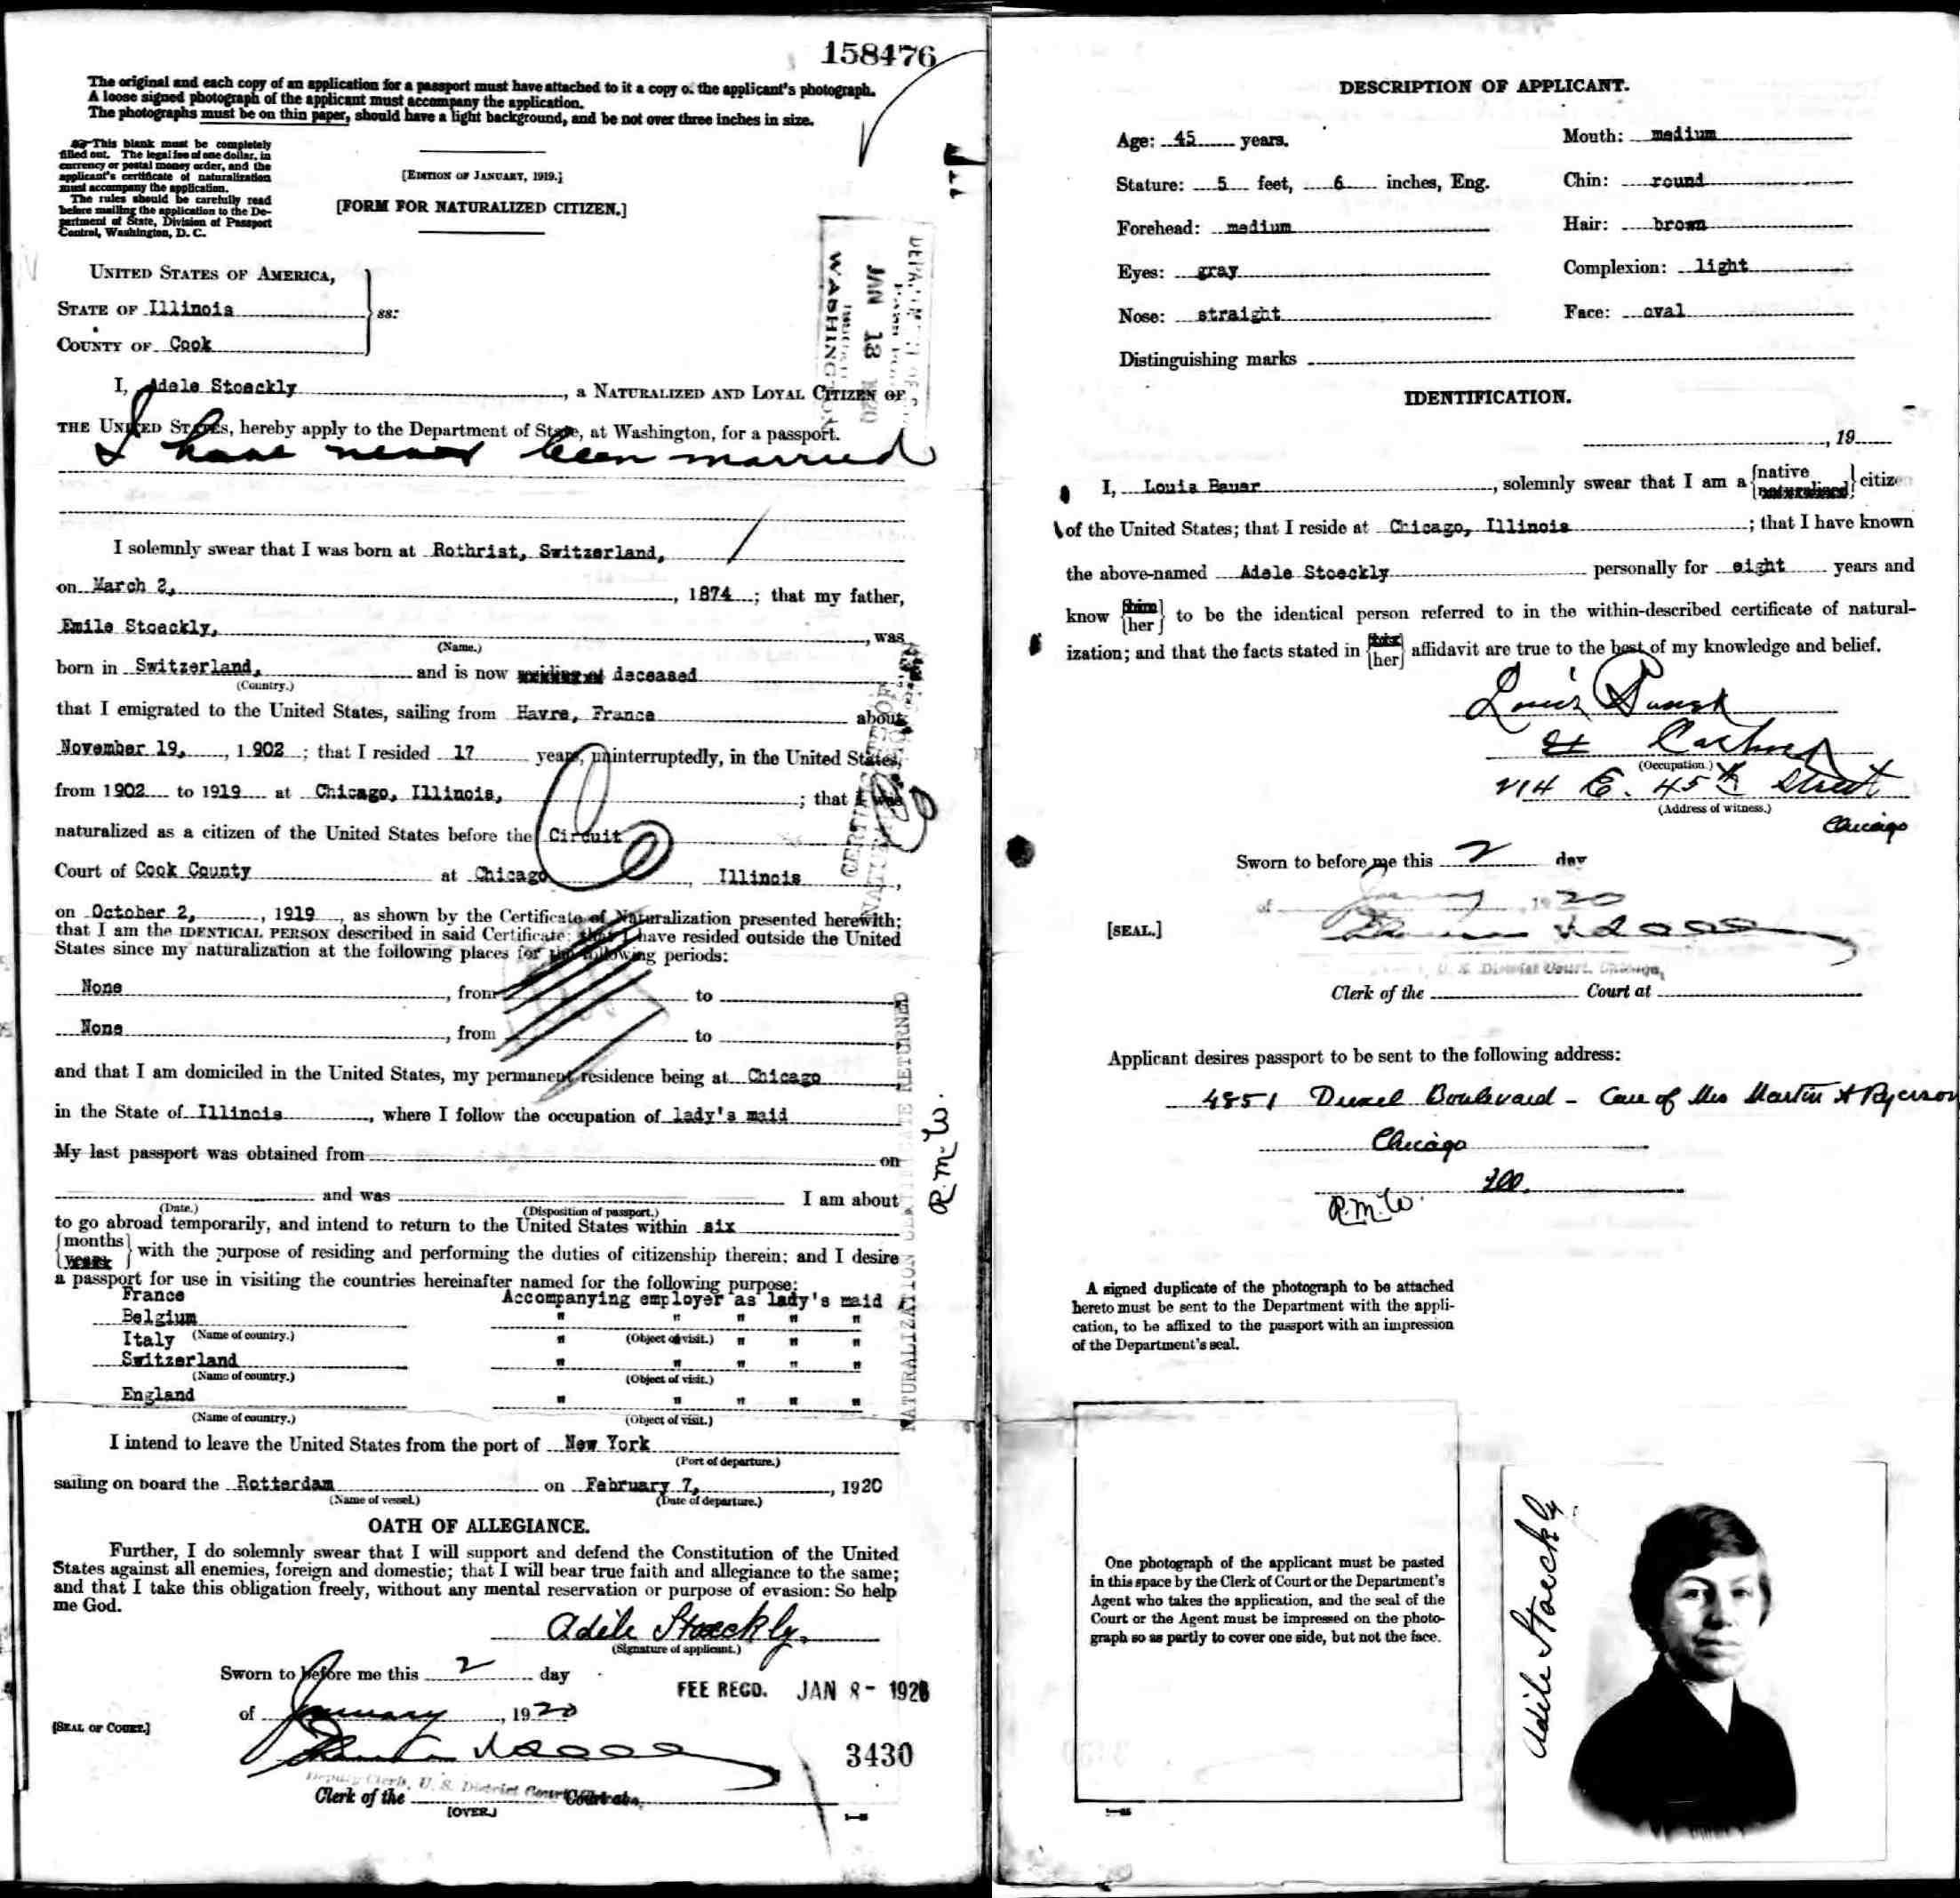 Adele stoeckly october 2 1919 certificate of naturalization back side october 2 1919 naturalization index card xflitez Gallery